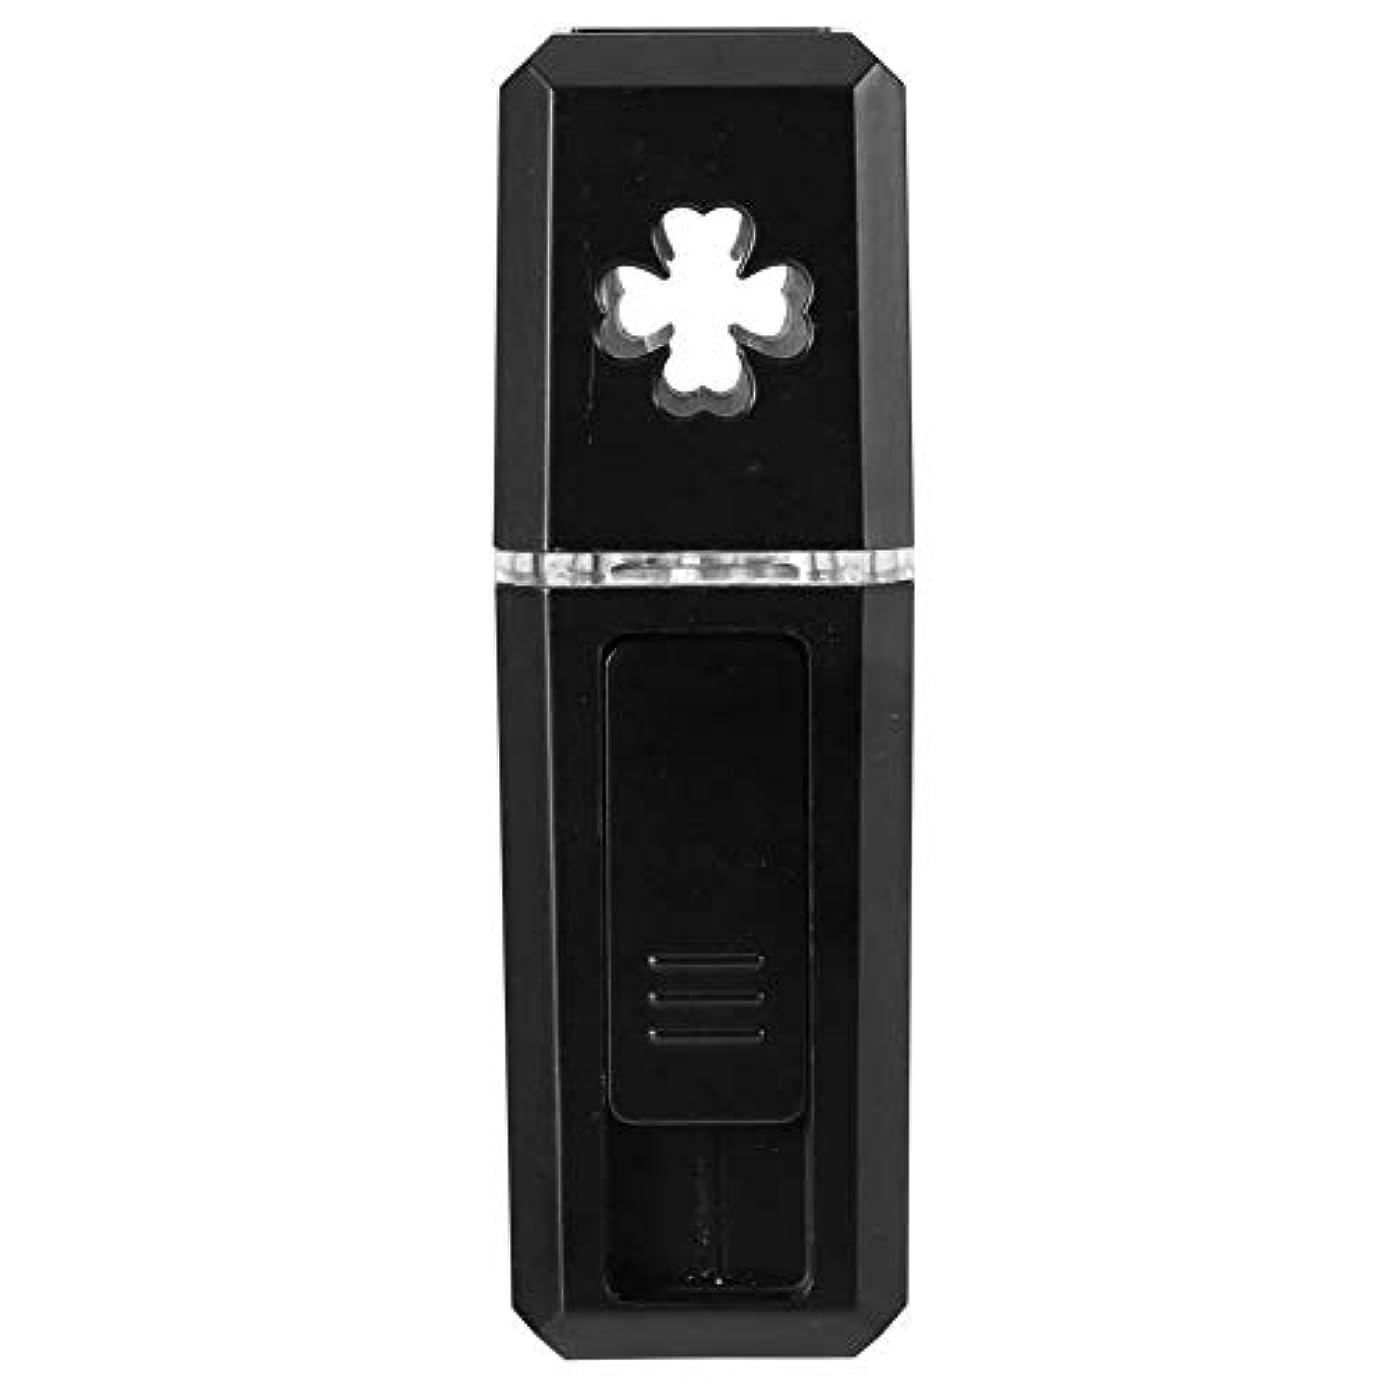 決定する剣アマチュア20ml口紅サイズミスト噴霧器、USB充電で保湿する便利なナノ噴霧機(02)